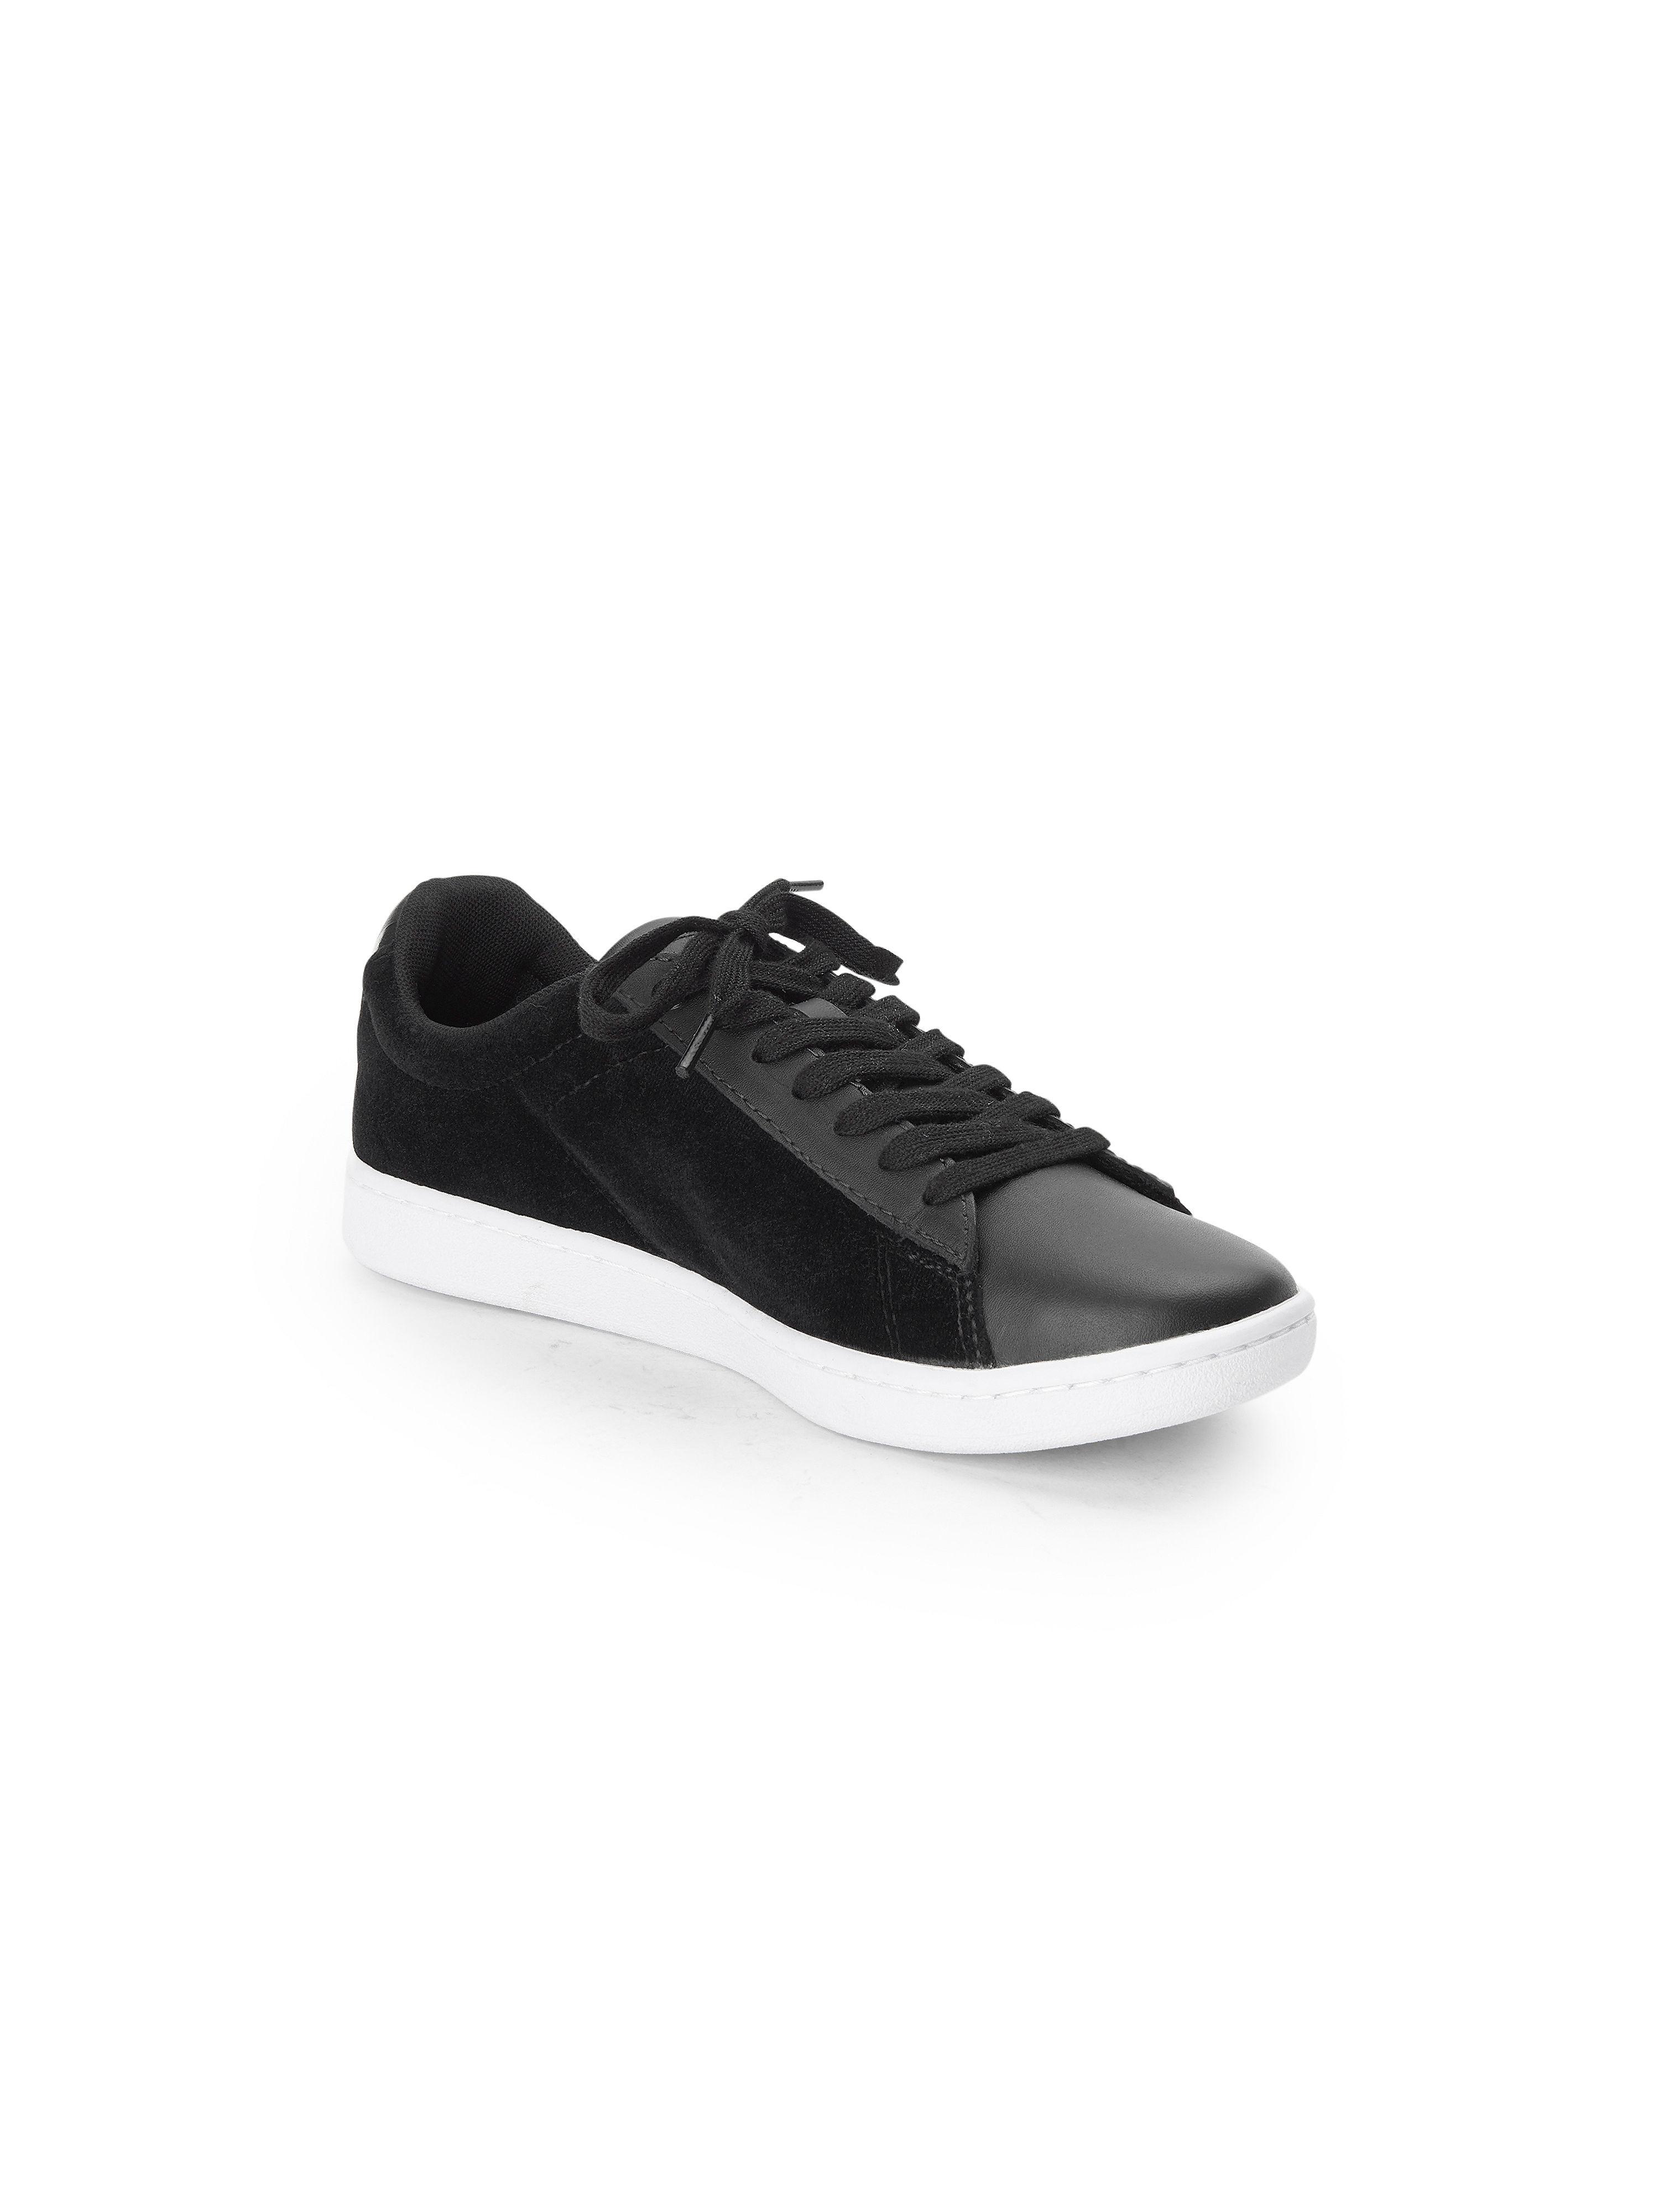 Lacoste - Sneaker Carnaby Evo - Schwarz Gute Qualität beliebte Schuhe